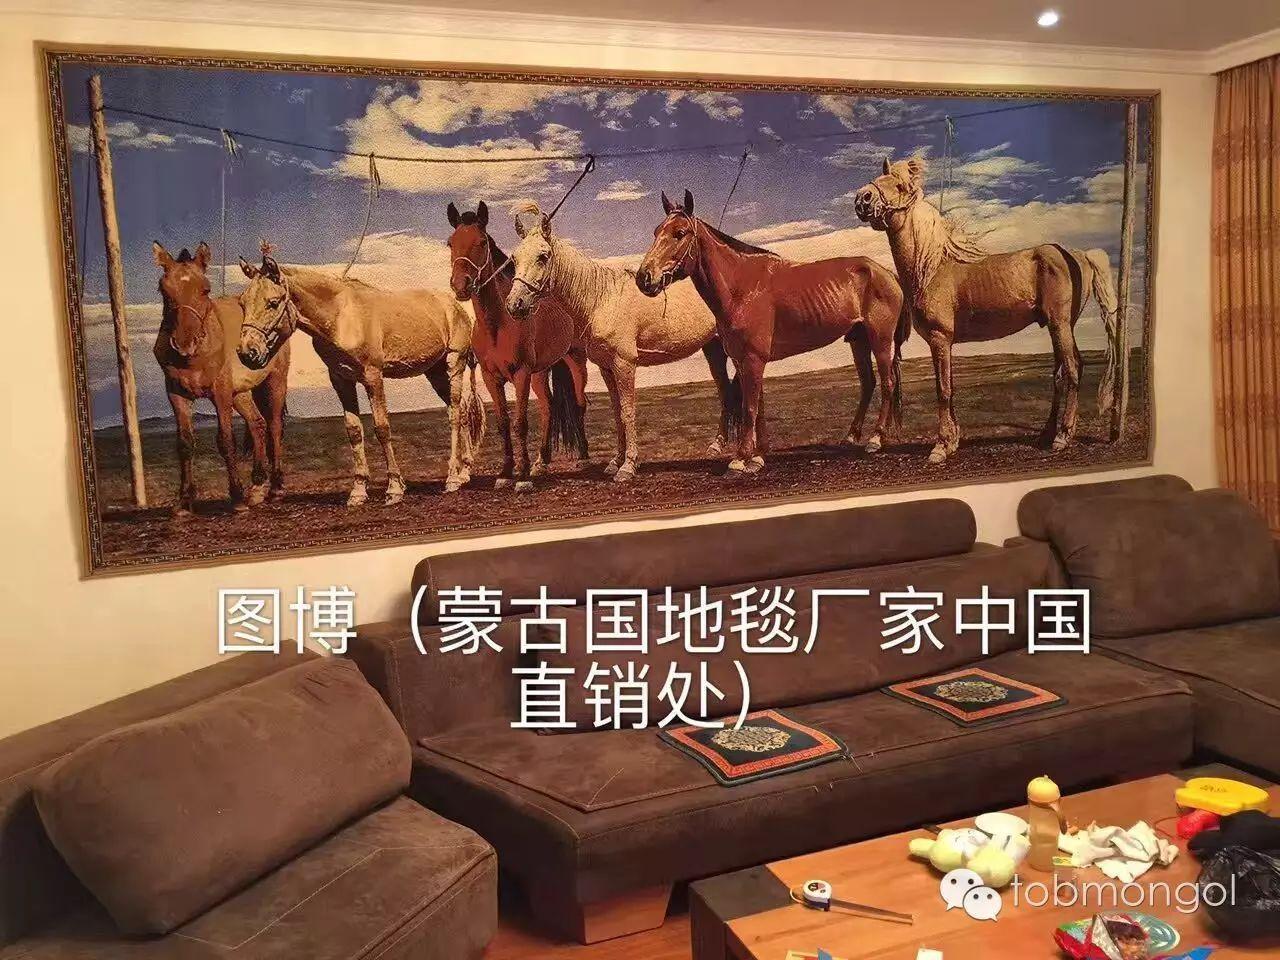 蒙古族刺绣 第17张 蒙古族刺绣 蒙古工艺